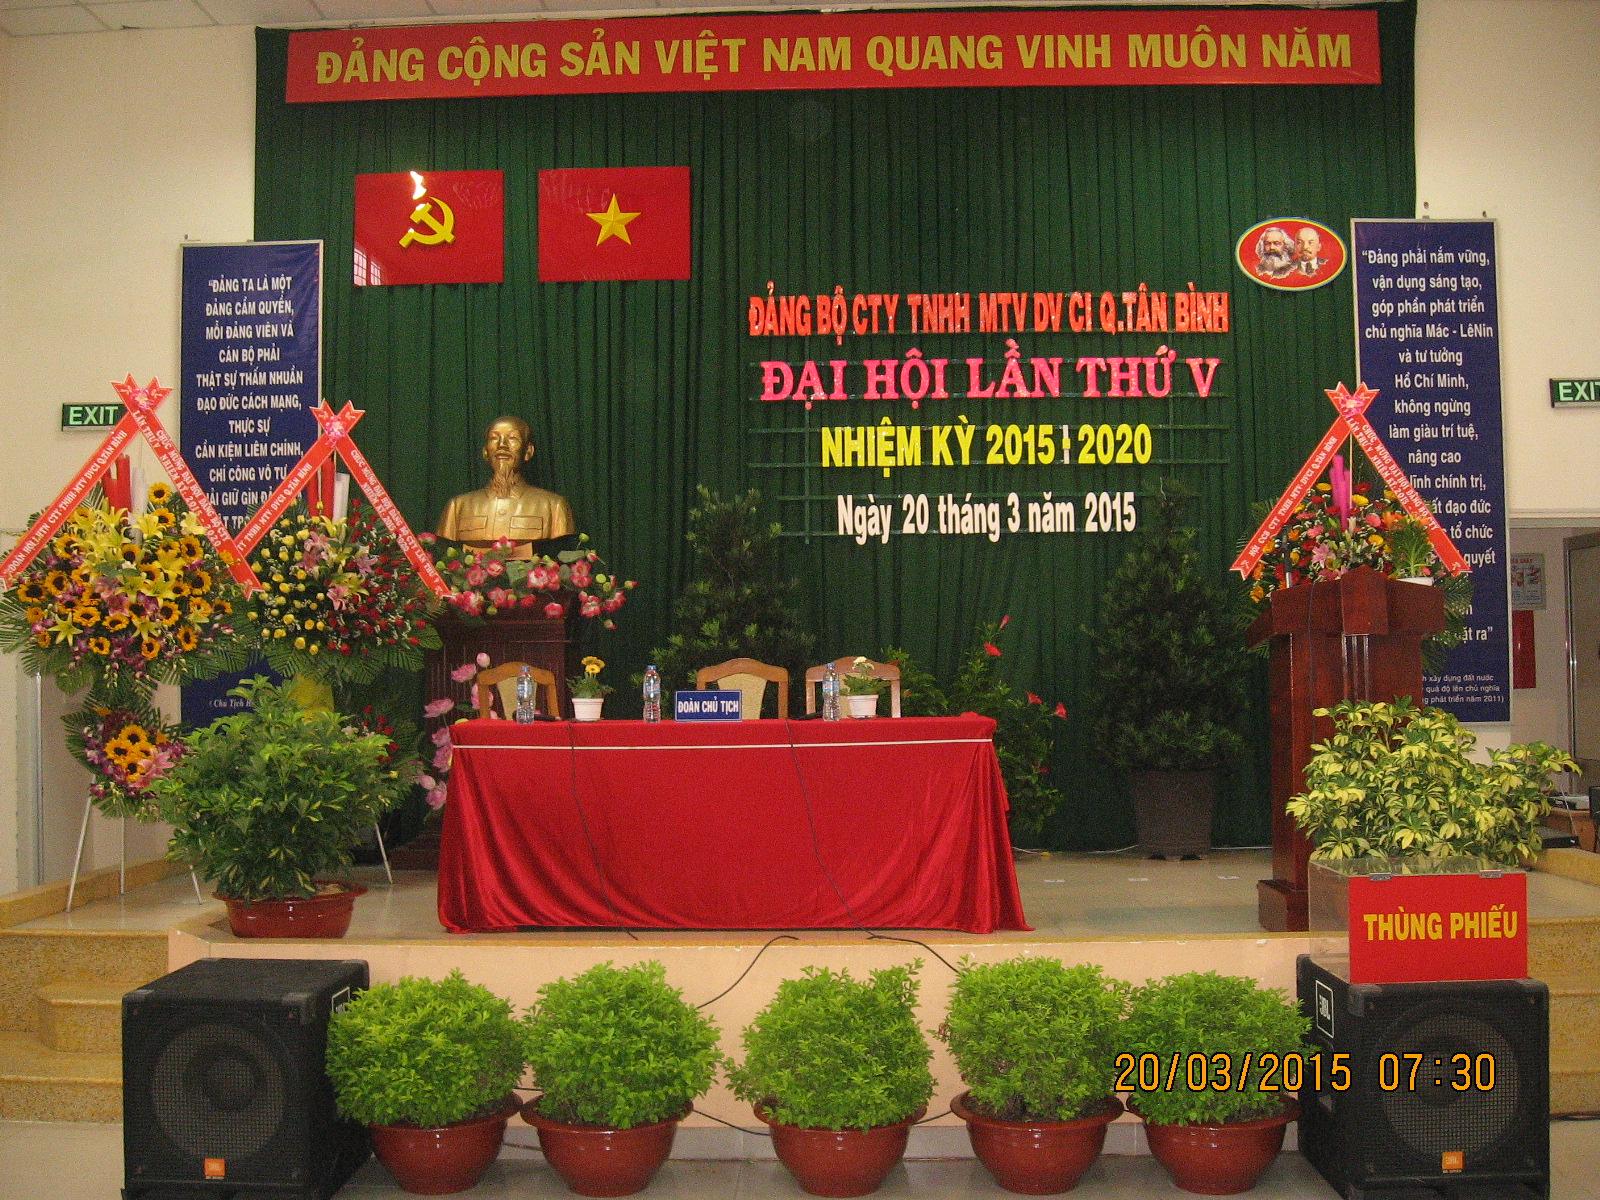 Đảng Bộ Công ty TNHH MTV Dịch vụ công ích quận Tân Bình tổ chức Đại hội Đảng viên lần thứ V nhiệm kỳ 2015 - 2020